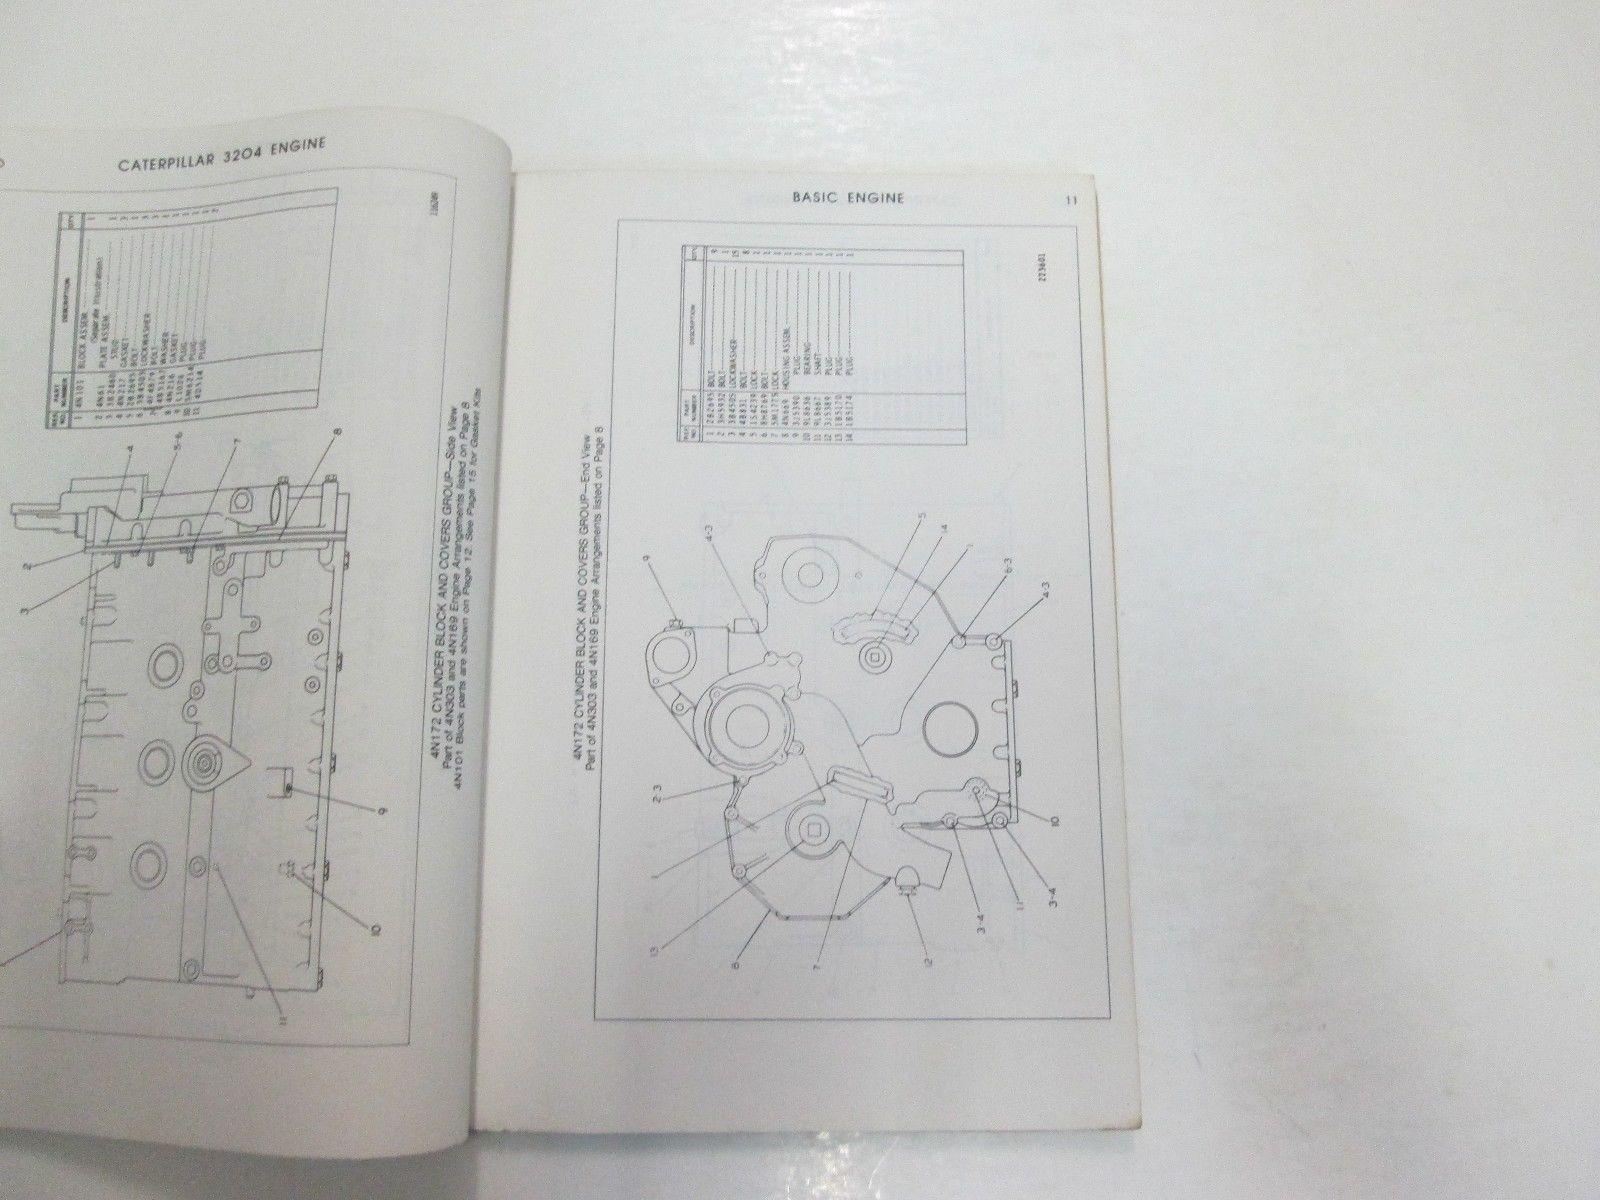 Caterpillar 3204 Engine Parts Book Manual 45 and 50 similar items